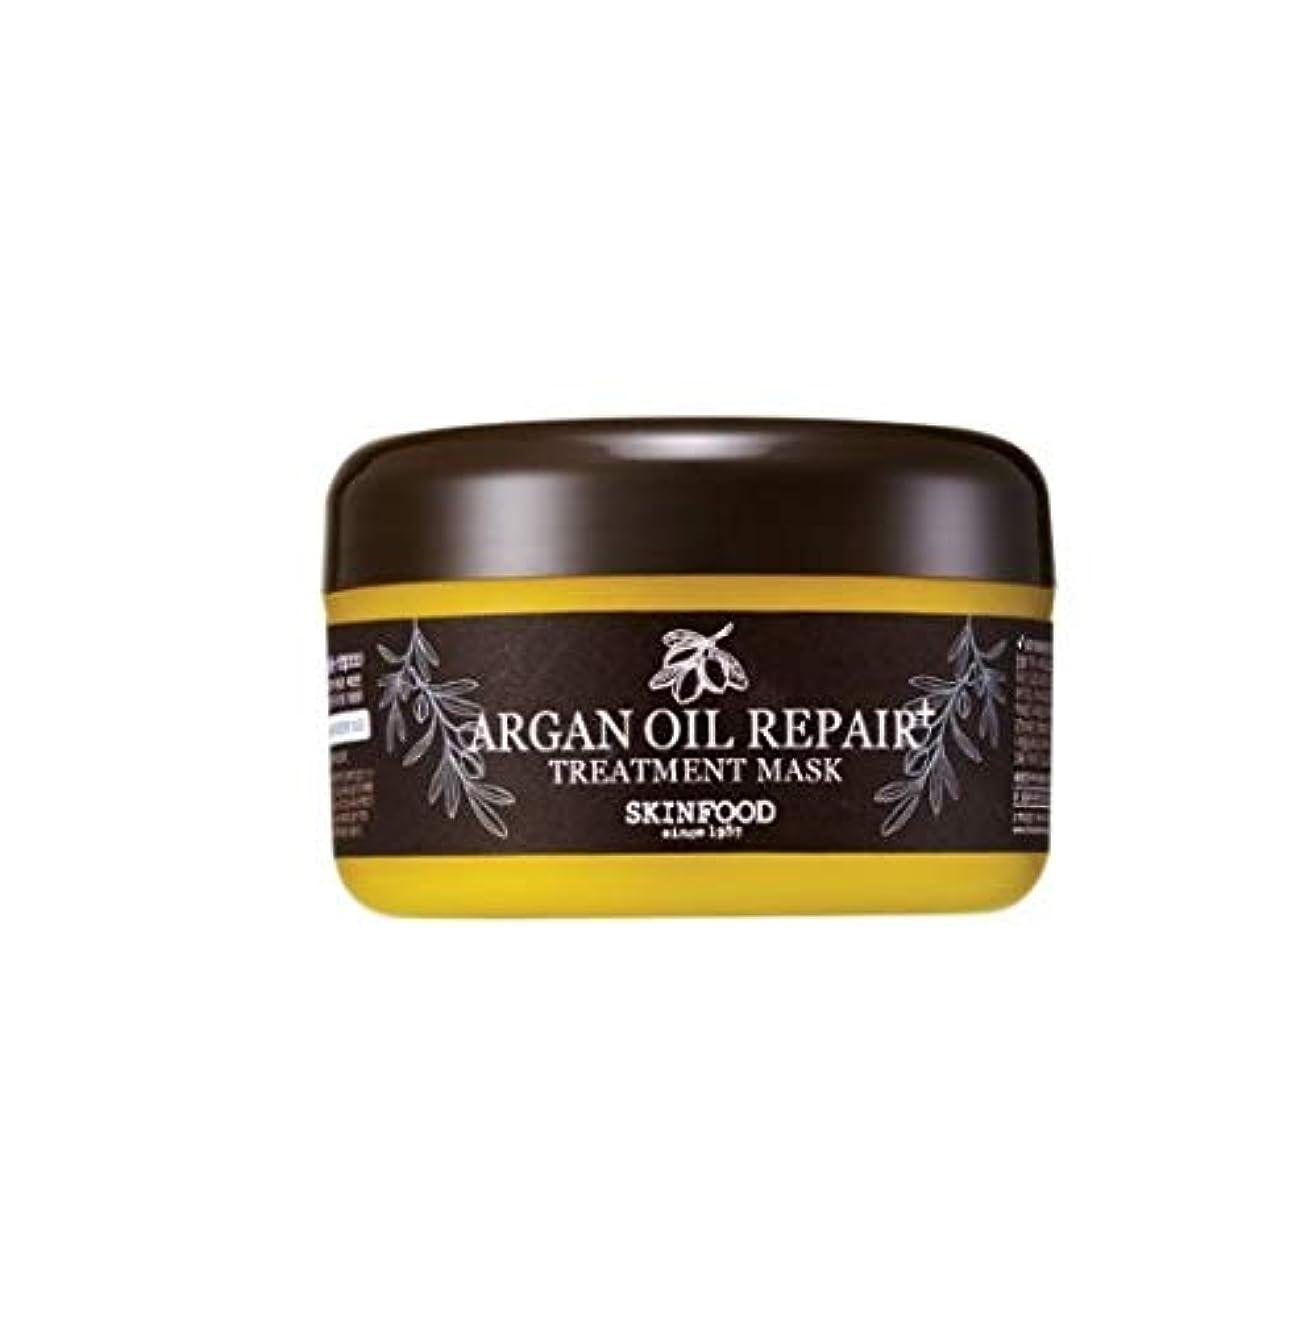 散歩に行く集める認めるSkinfood アルガンオイルリペアプラストリートメントマスク/Argan Oil Repair Plus Treatment Mask 200g [並行輸入品]